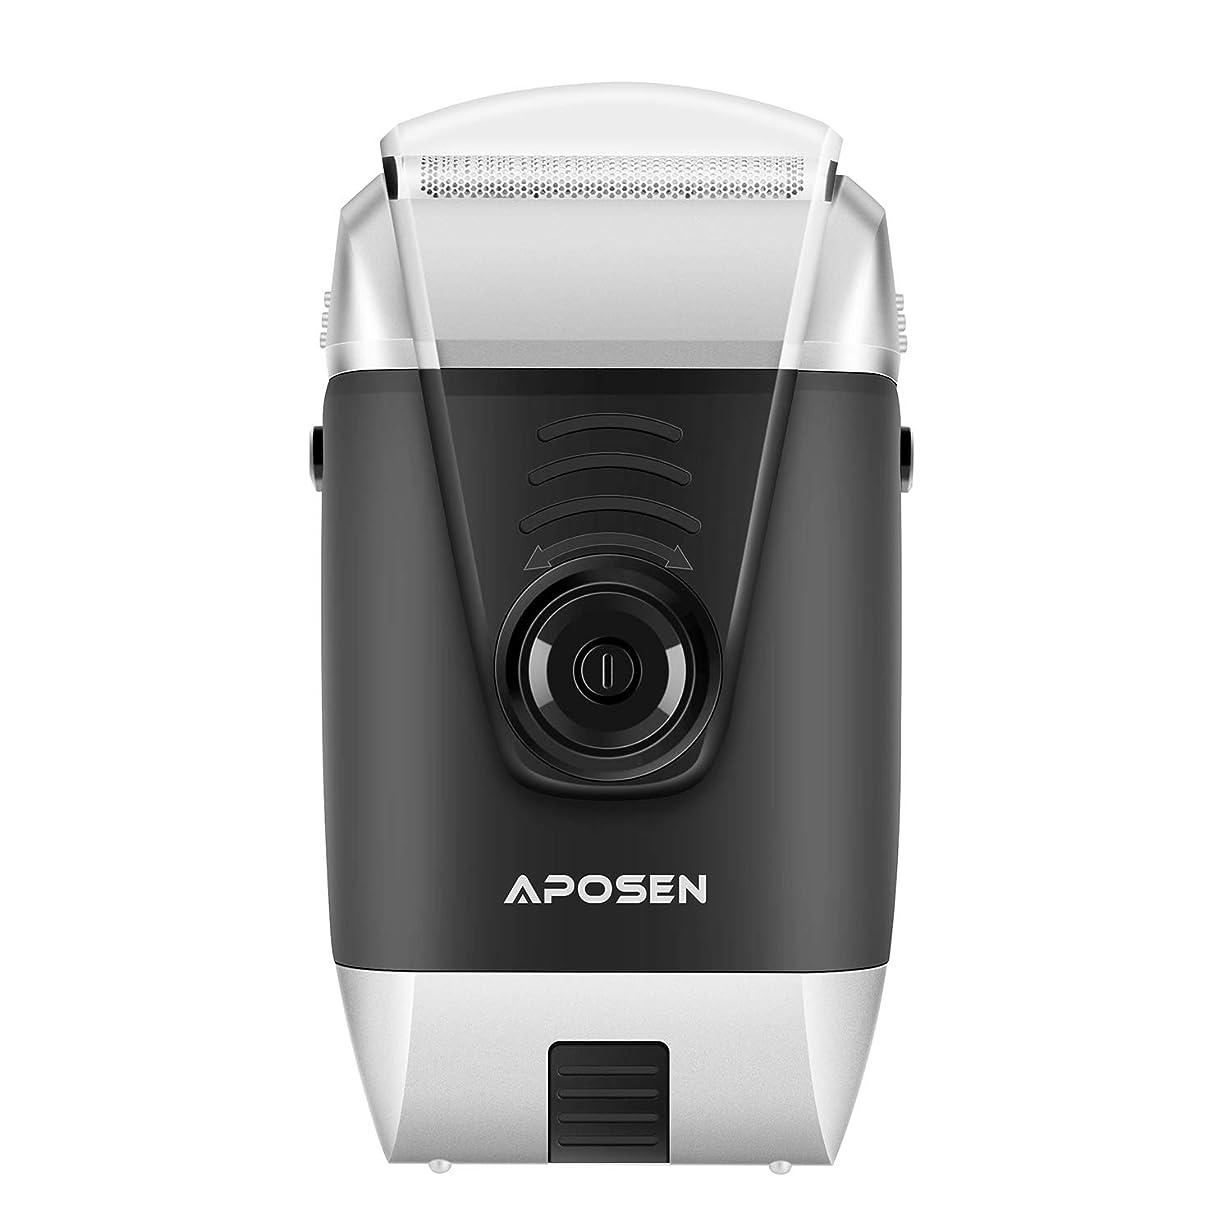 結晶機動難民APOSEN電気シェーバー 髭剃り 剃毛用カミソリ付き USB充電 リチウム電池内蔵 800mAh 大容量旅行用 多機能 男女兼用